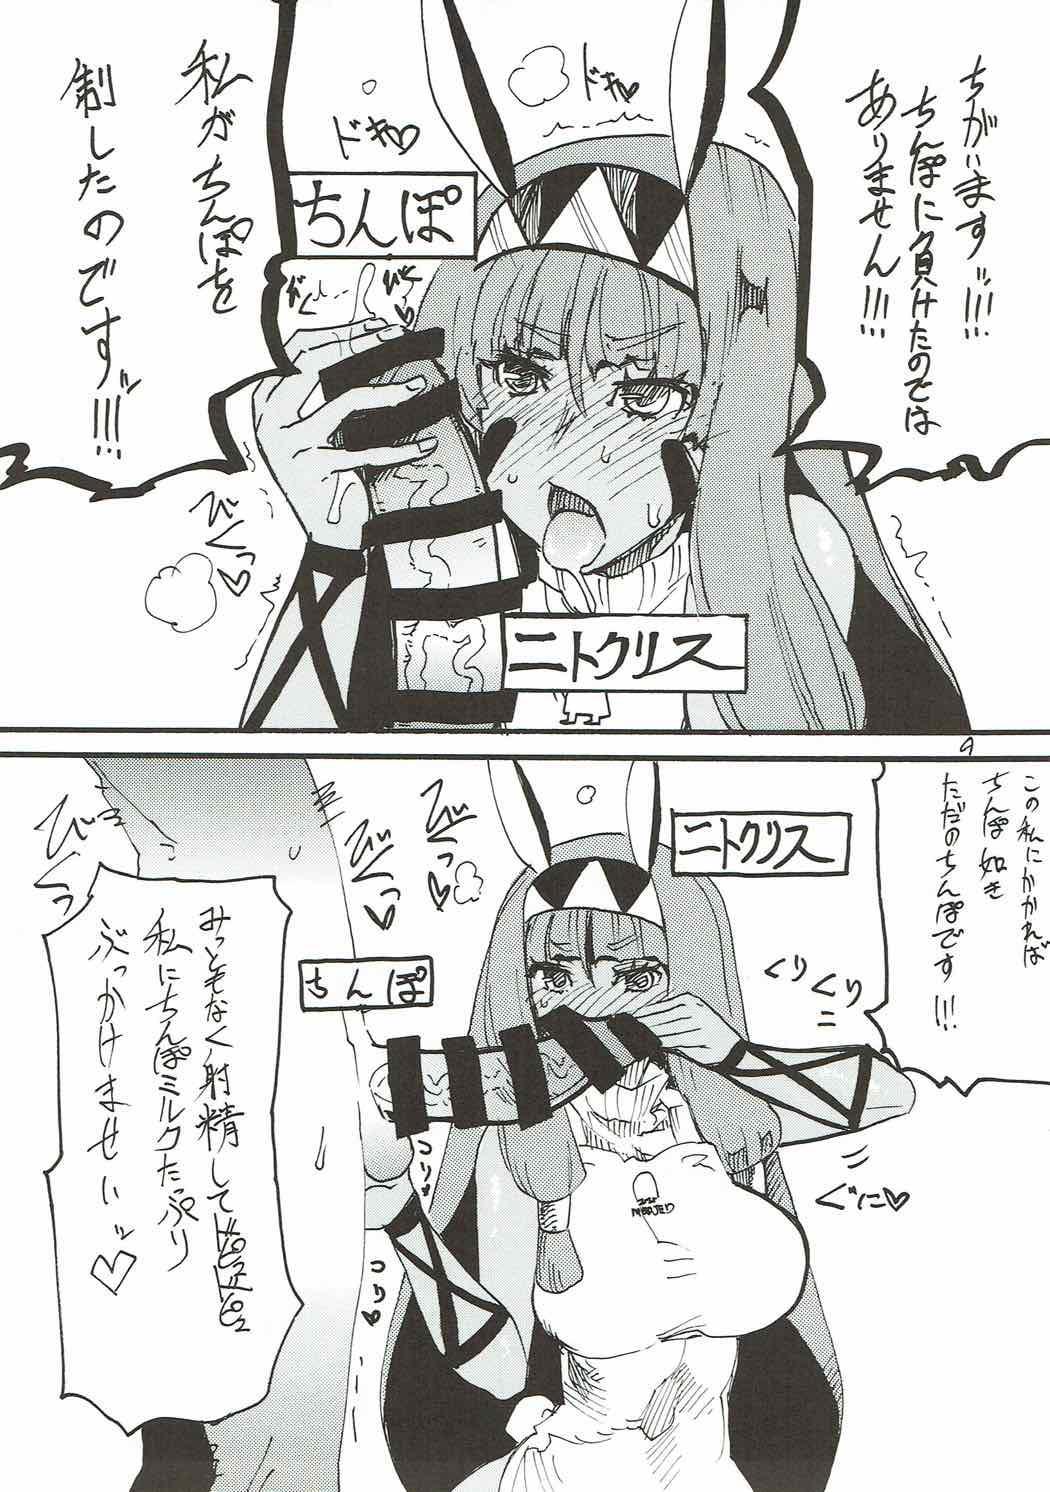 My Room o Souji Shini kita hazu ga Ki ga Tsuitara Ochinchin o Soku Ochinchin o Shabutte ita Natsu 7